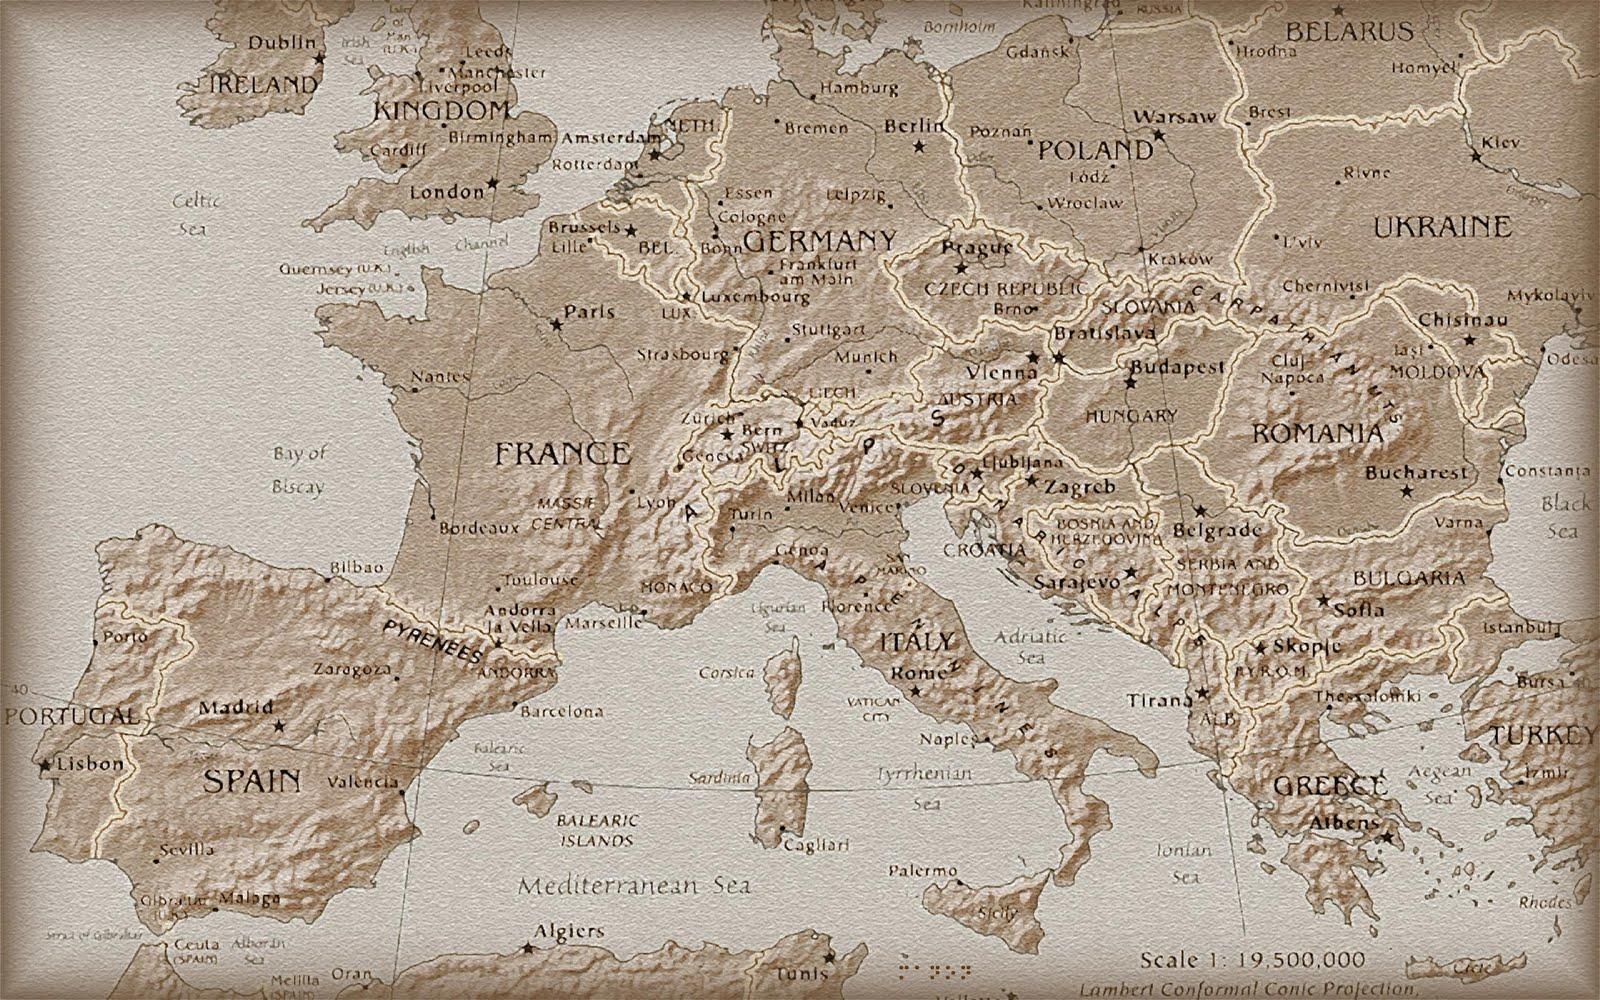 http://3.bp.blogspot.com/_f44t_CwXxhc/S-Vc78uItyI/AAAAAAAAC3c/beUr5kf3p2A/s1600/Europe-Old-map-wallpapers.jpg